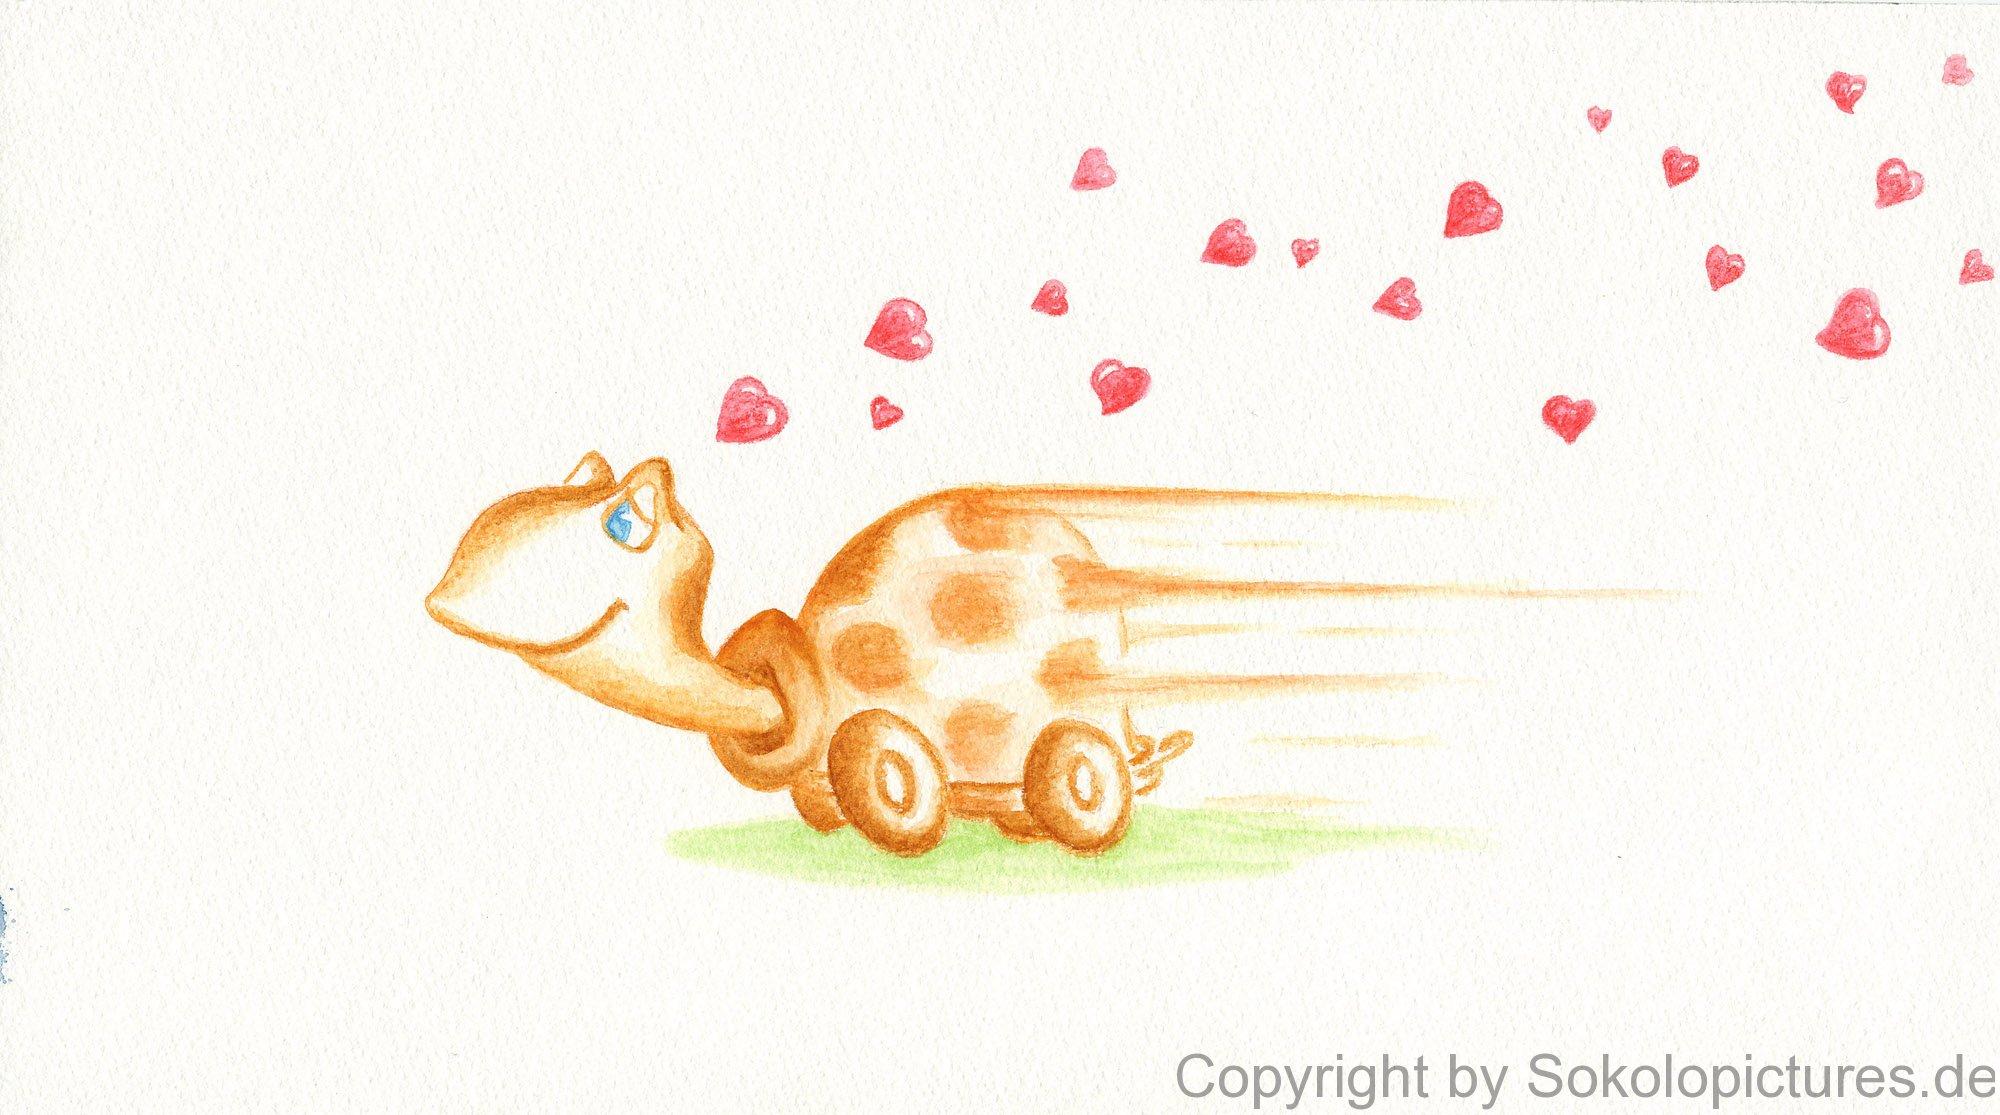 Postkarten zum Thema Liebe